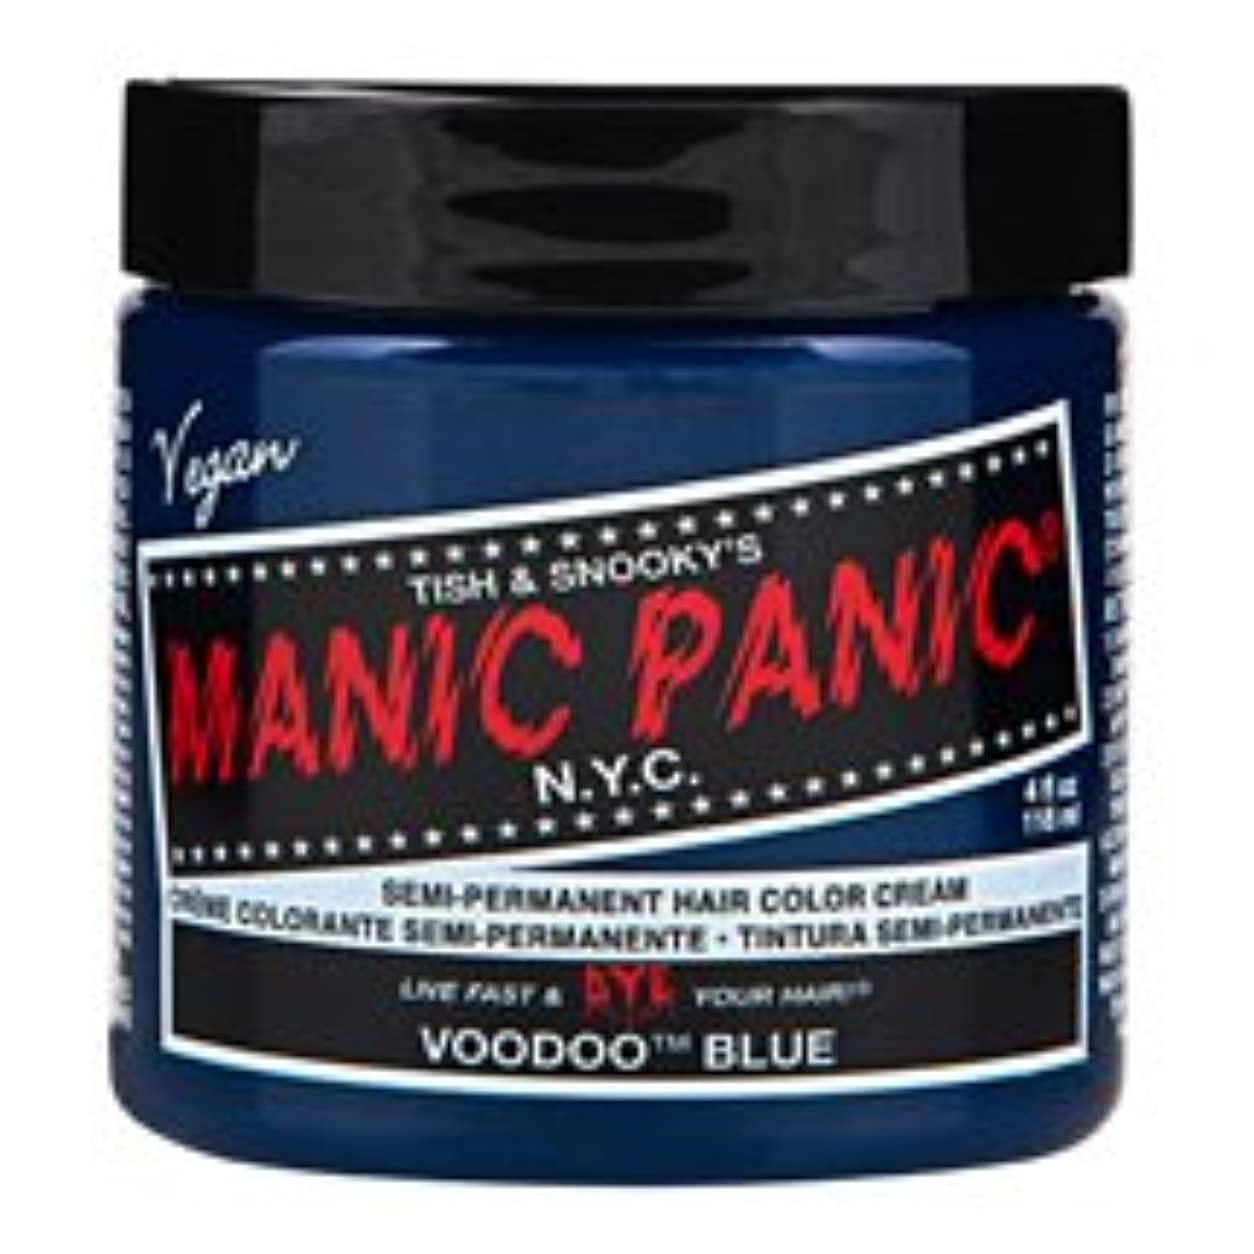 行き当たりばったりアプト議論するスペシャルセットMANIC PANICマニックパニック:Voodoo Blue (ブゥードゥーブルー)+ヘアカラーケア4点セット